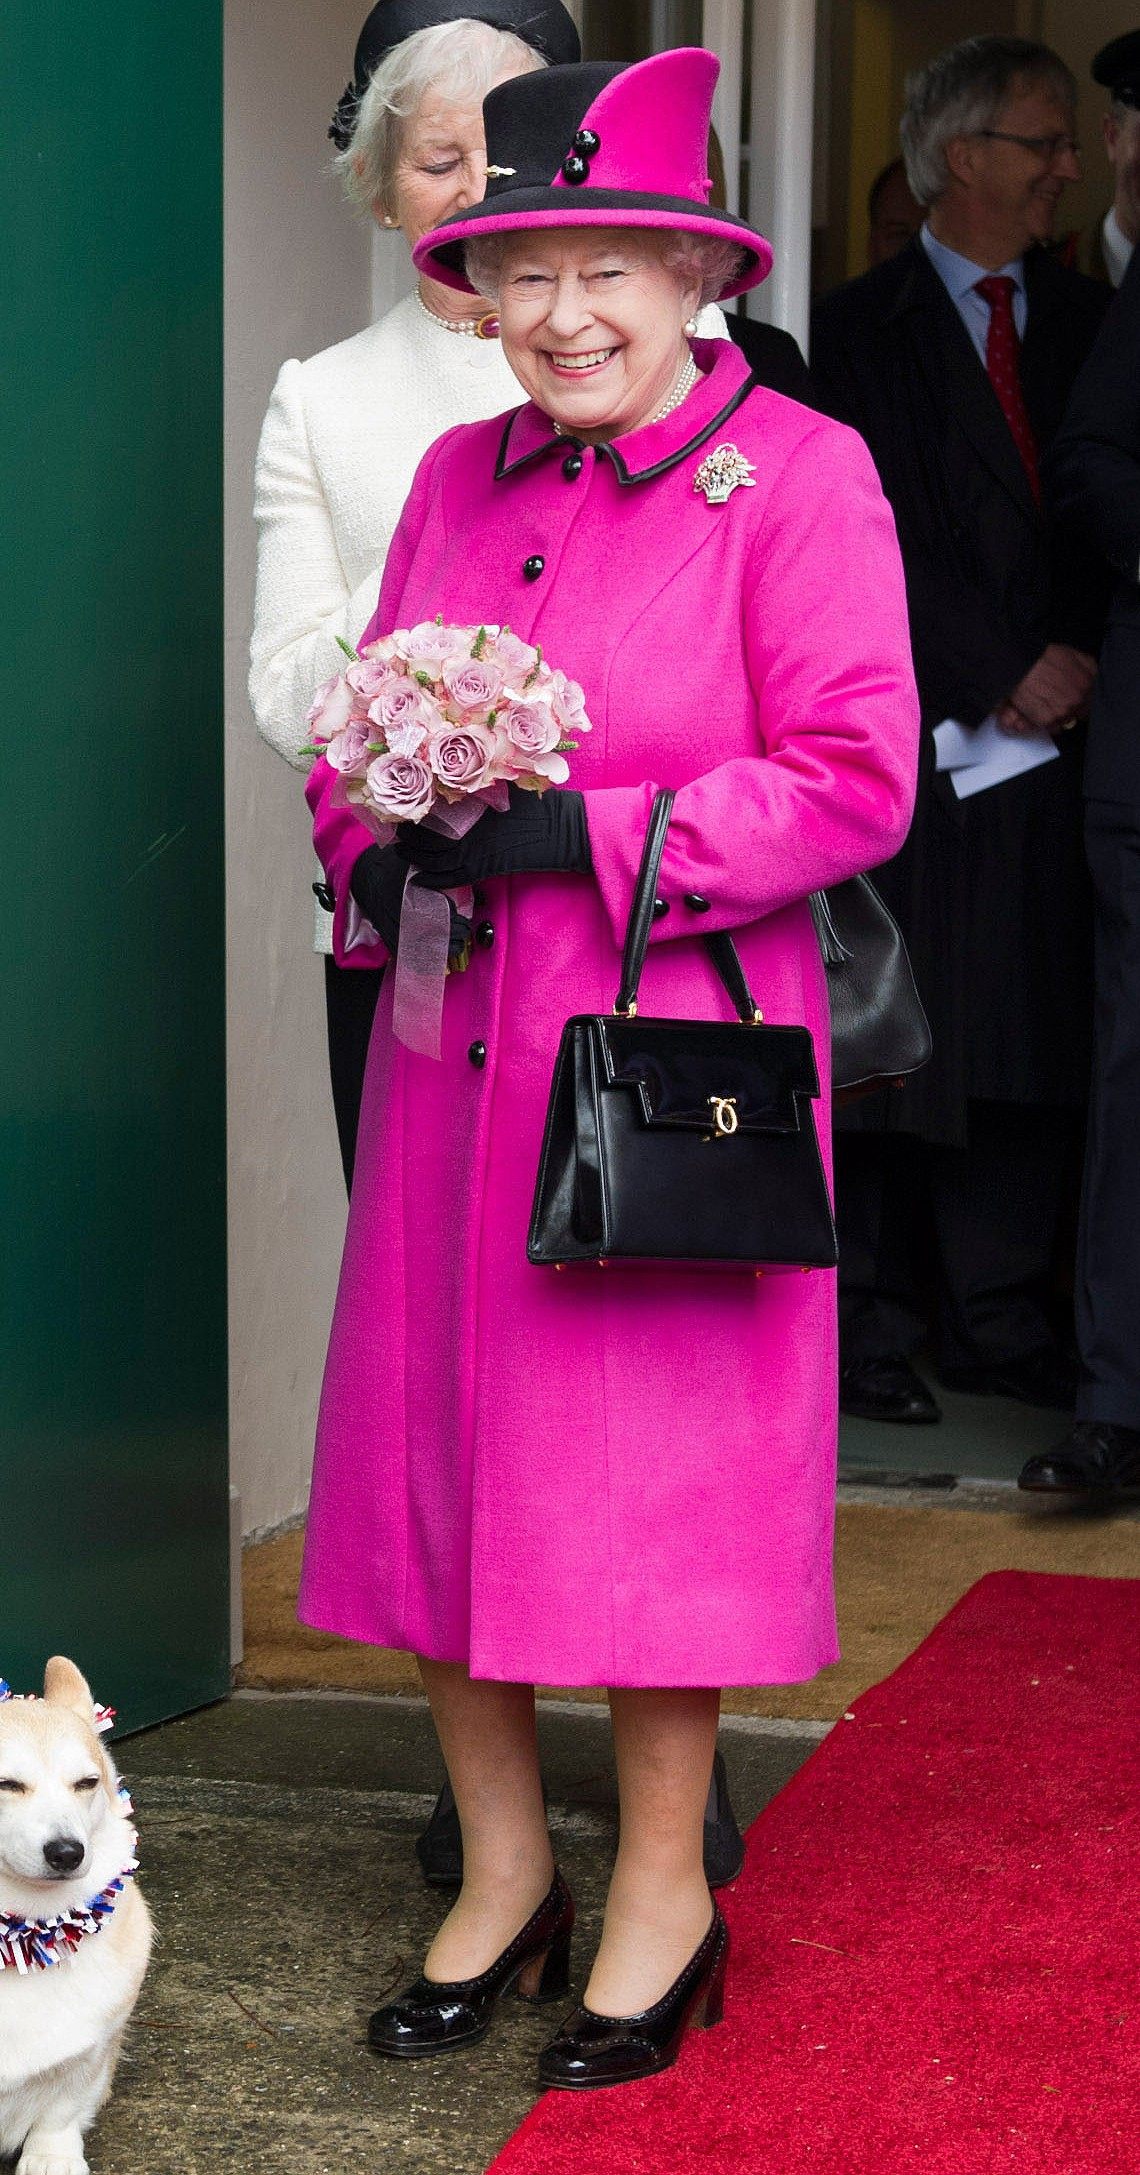 Ngoài gu diện đồ sặc sỡ, Nữ hoàng Anh còn có 5 bí mật làm nên phong cách thời trang không thể trộn lẫn - Ảnh 4.